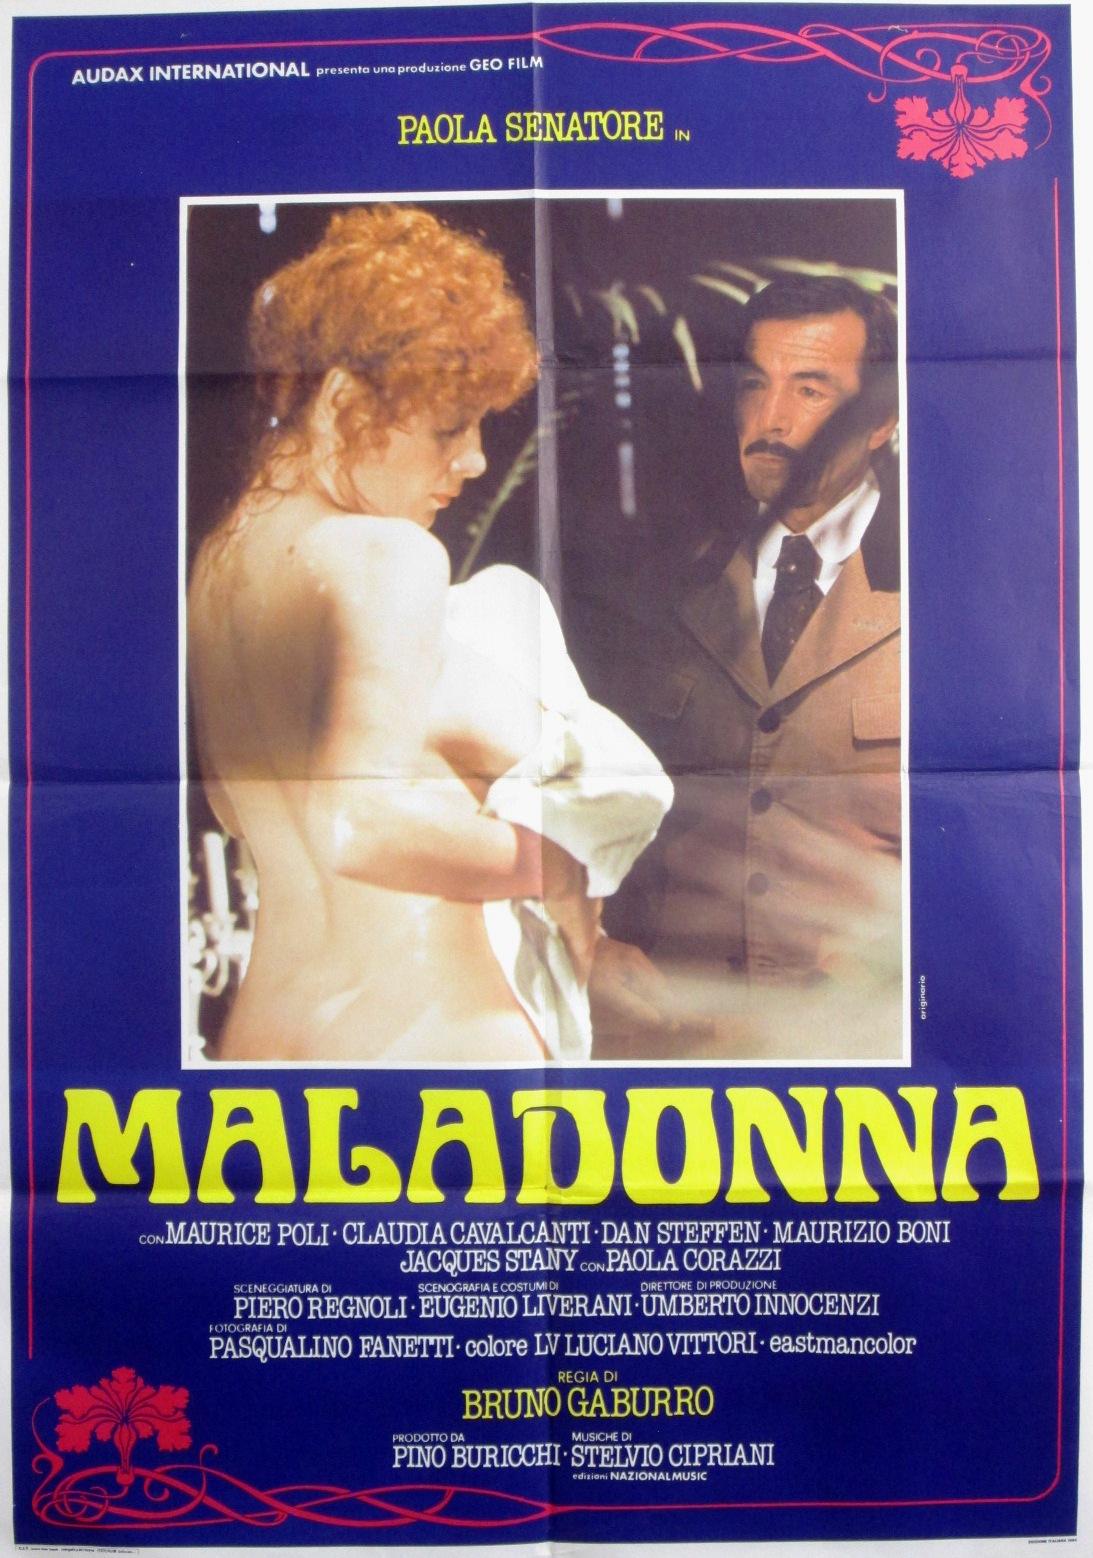 Paola Senatore maladonna - cineraglio